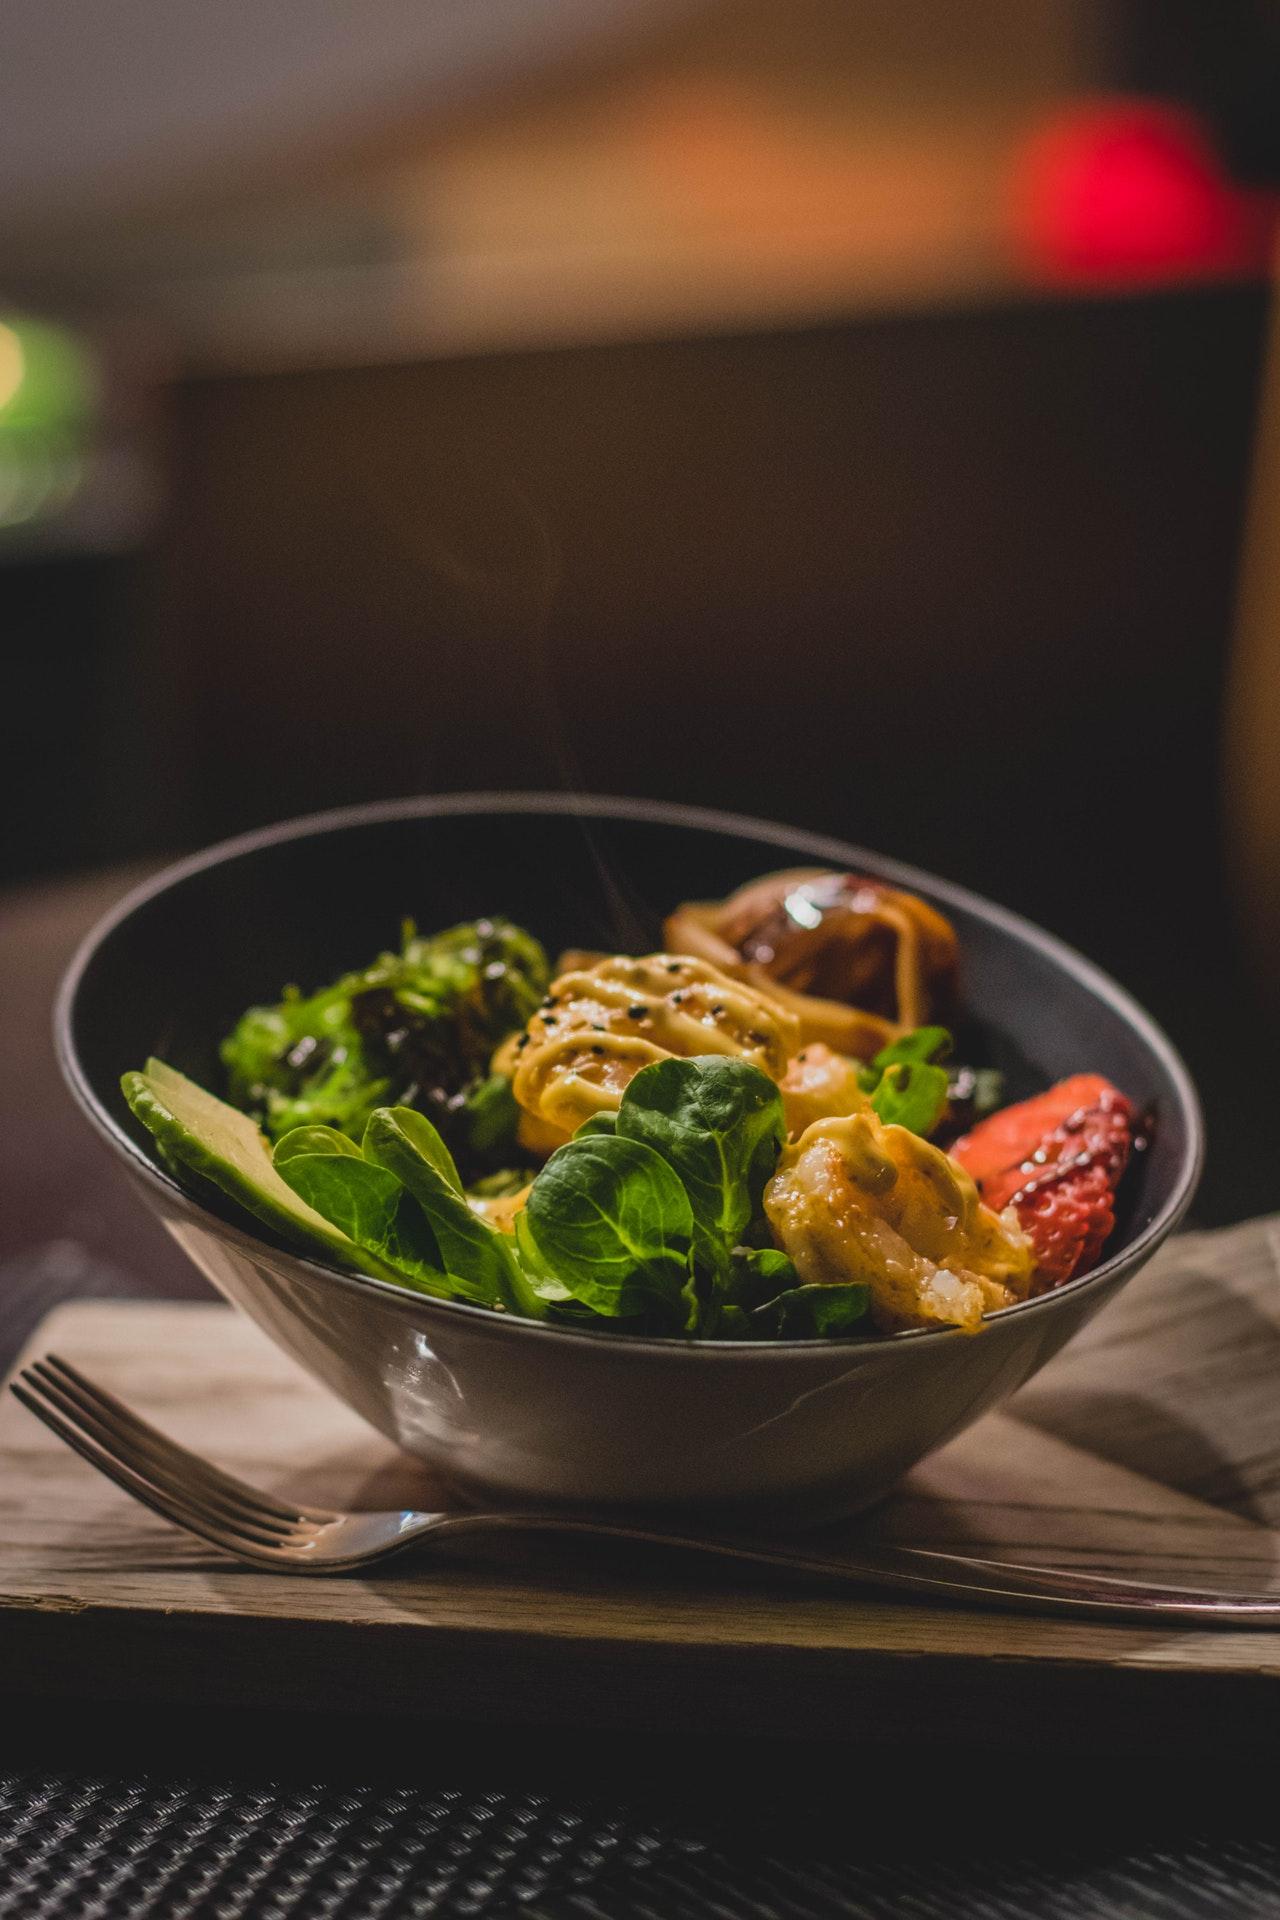 Leckere und gesunde Mahlzeiten durch Fermentierung.